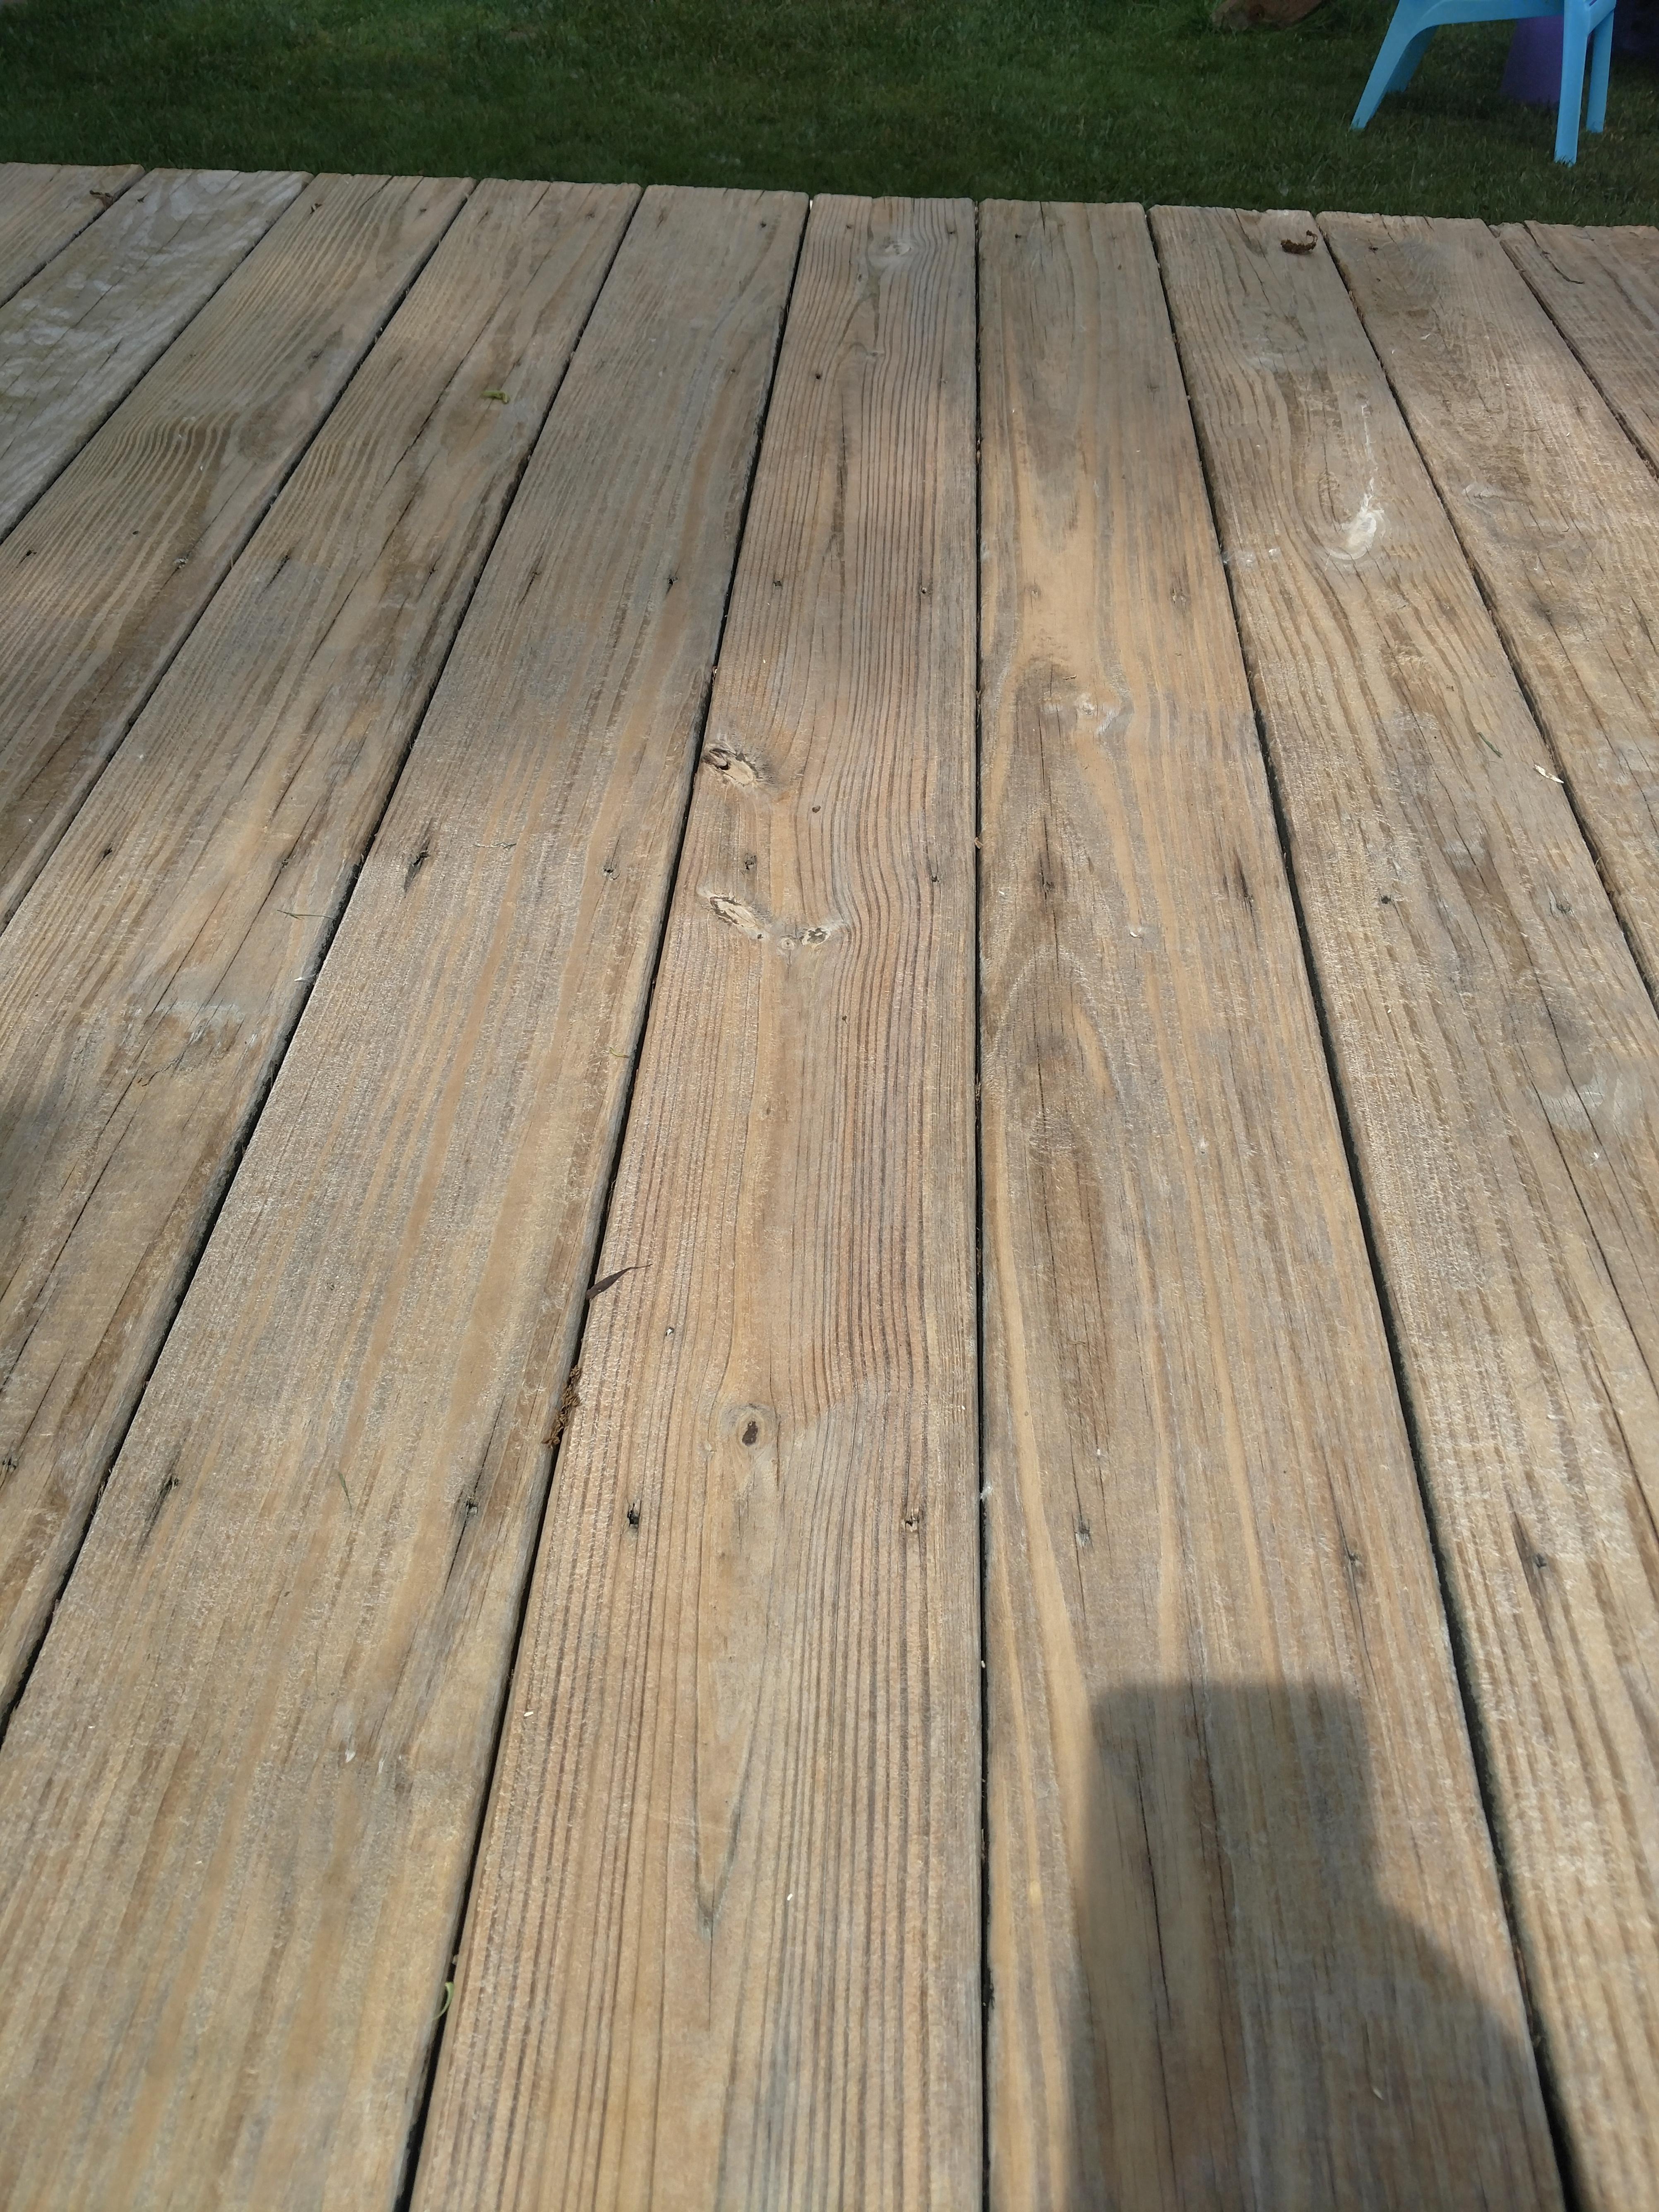 Wood Fuzzies Furring Deck Best Stain Reviews Ratings